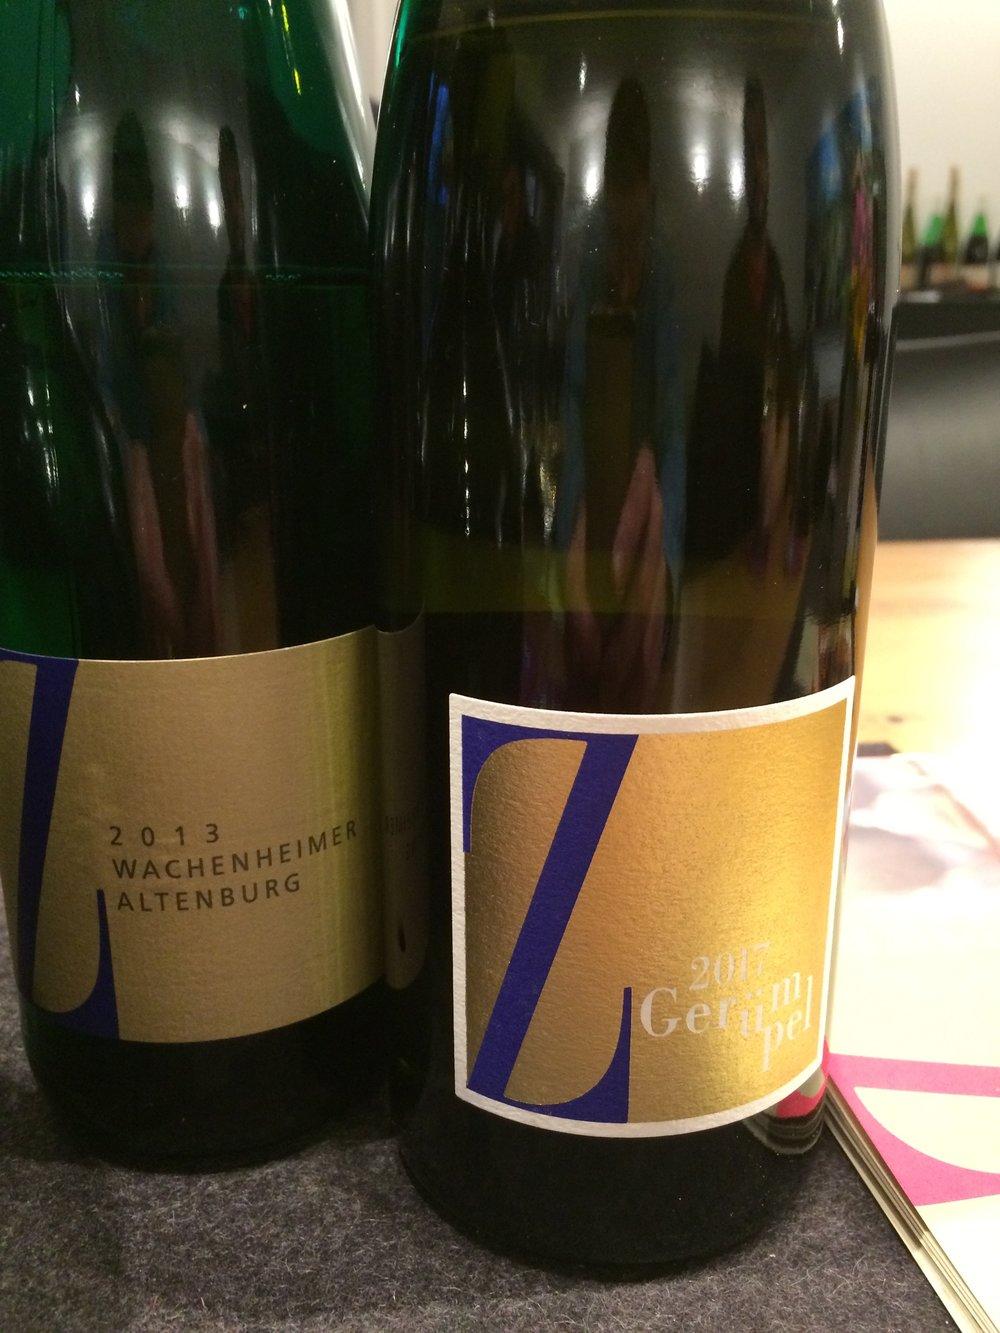 Vin coup de coeur ? - Wachenheimer Altenburg 2013. Sans avoir l'amplitude et la portée des GG (Grands Crus) dégustés ailleurs, on a plutôt affaire ici à un vin de fraîcheur, de fine minéralité et d'équilibre.